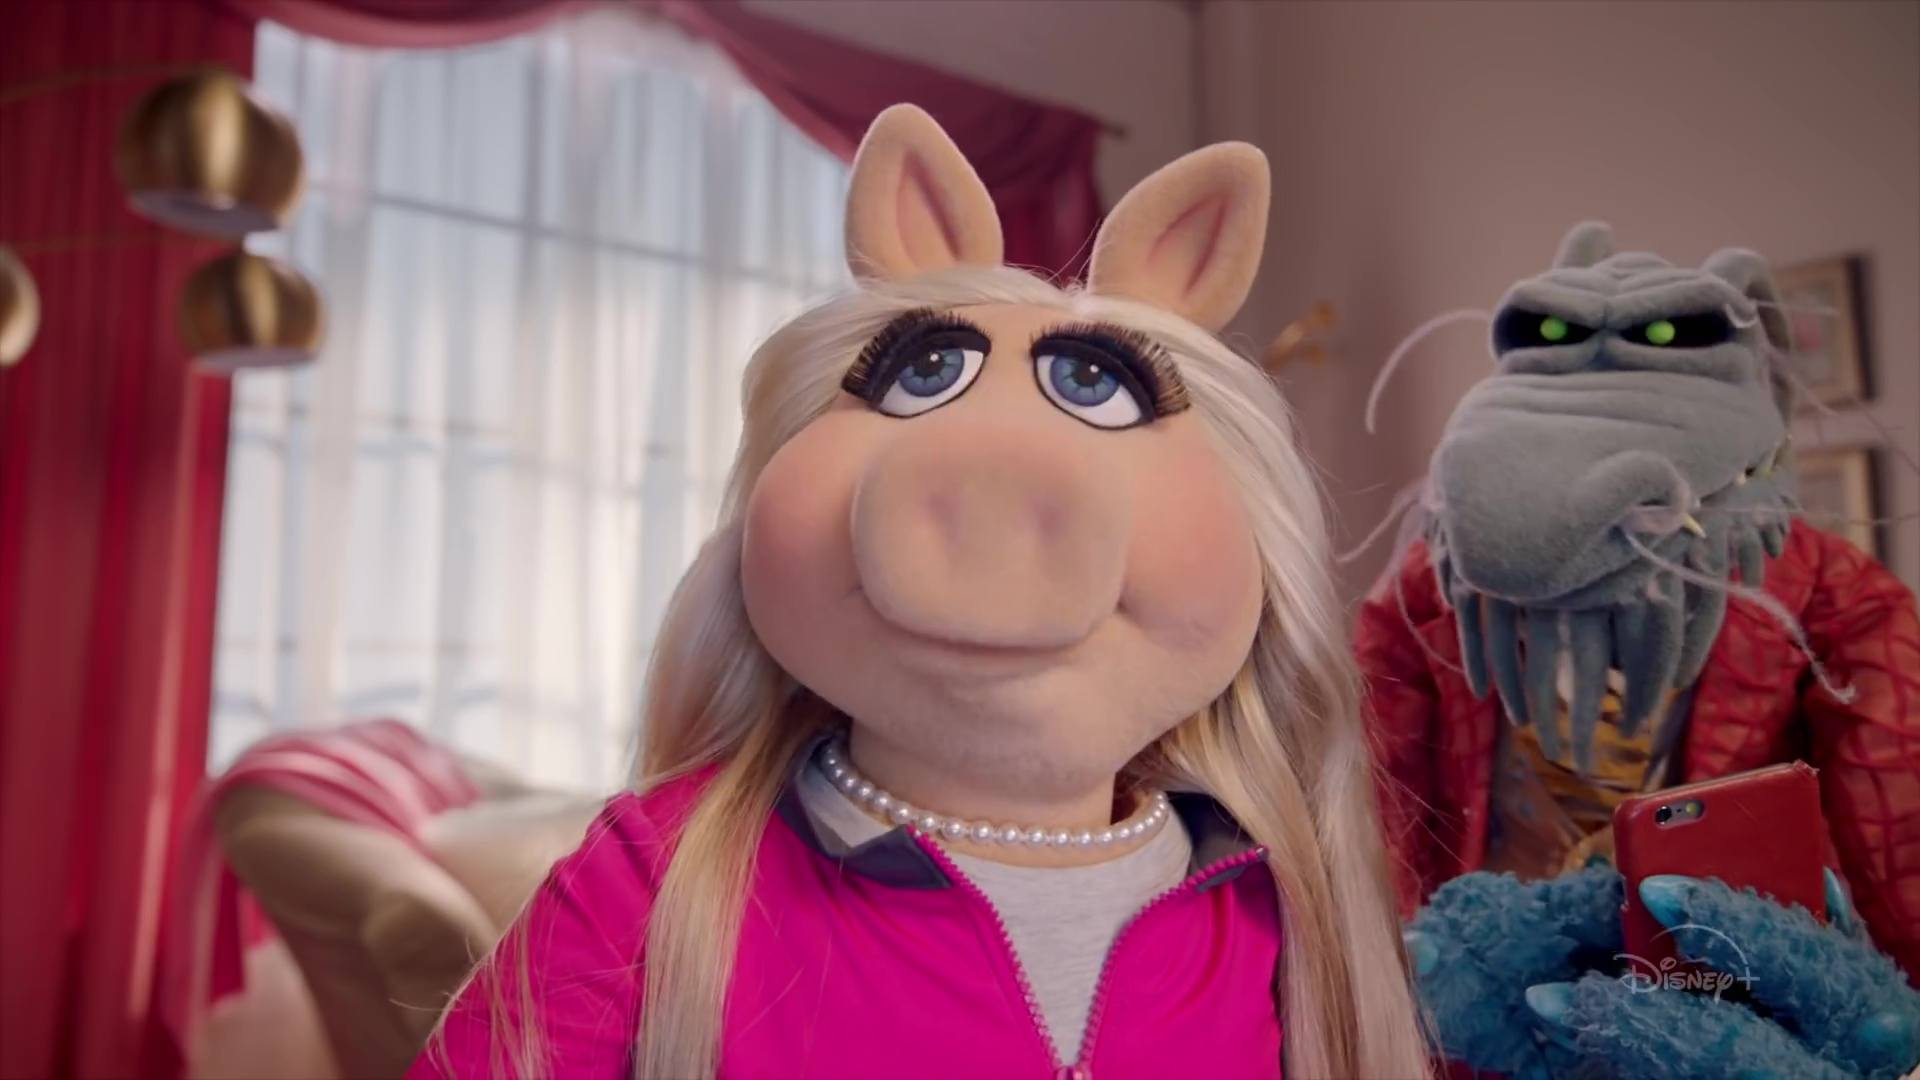 image nouveau muppet show now disney